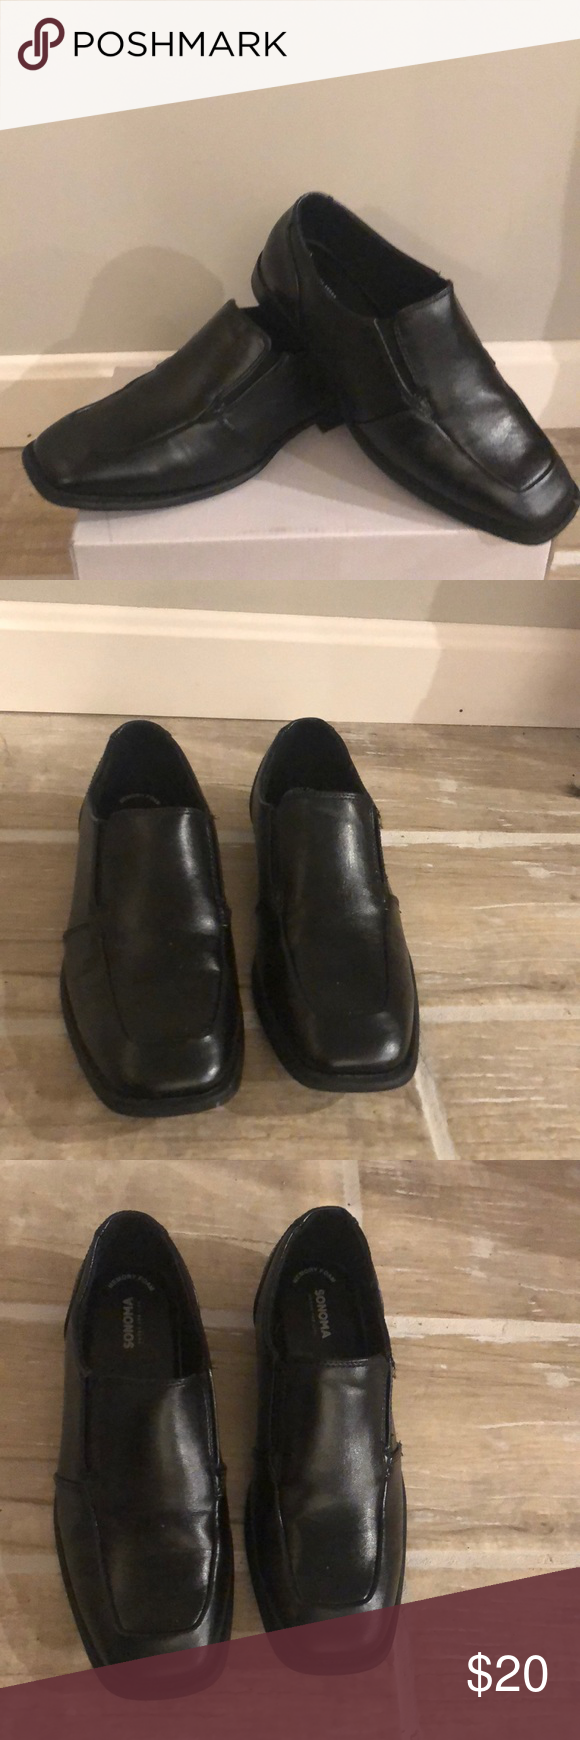 Boys dress shoes in 2020 | Boys dress